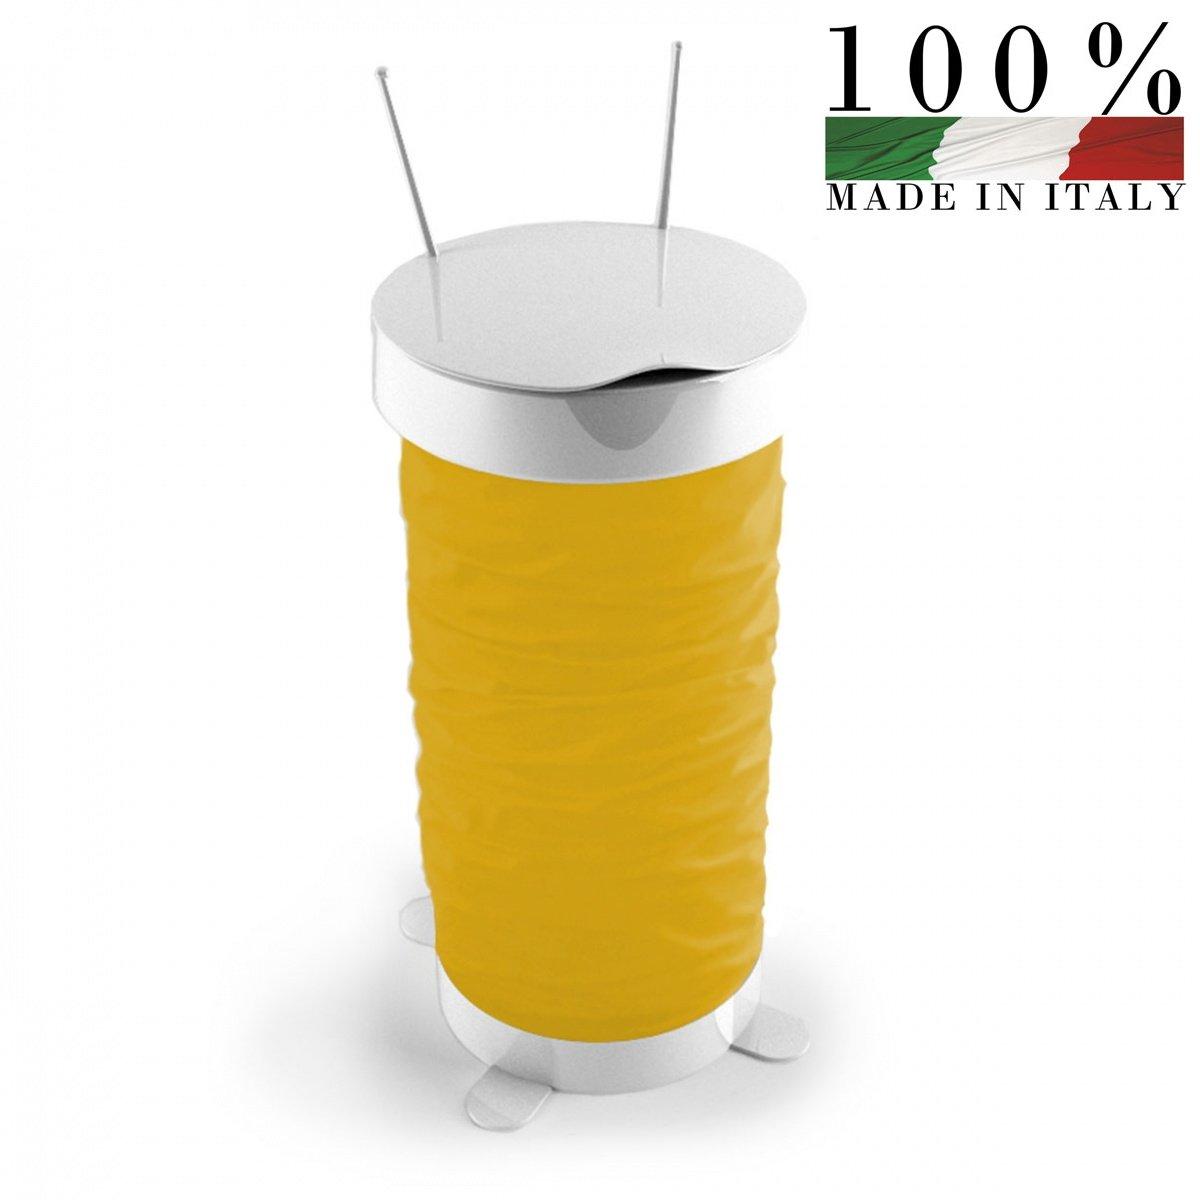 Soldi design bruchetto pattumiera bianco vari colori for Pattumiera cucina design